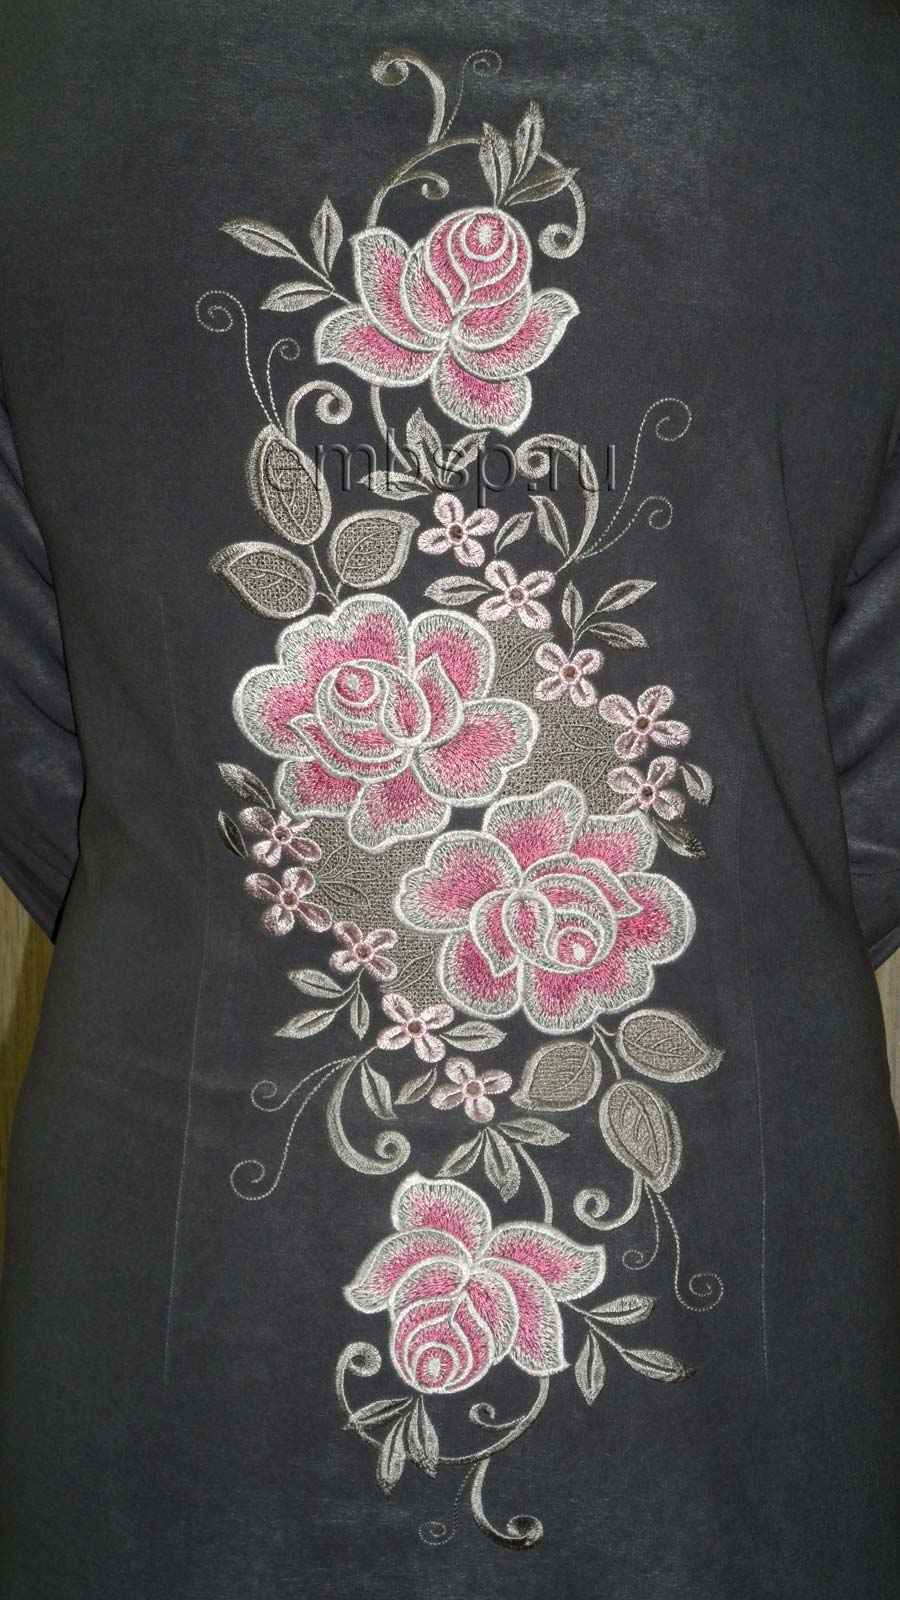 Вышивка на юбке в виде лилий фото